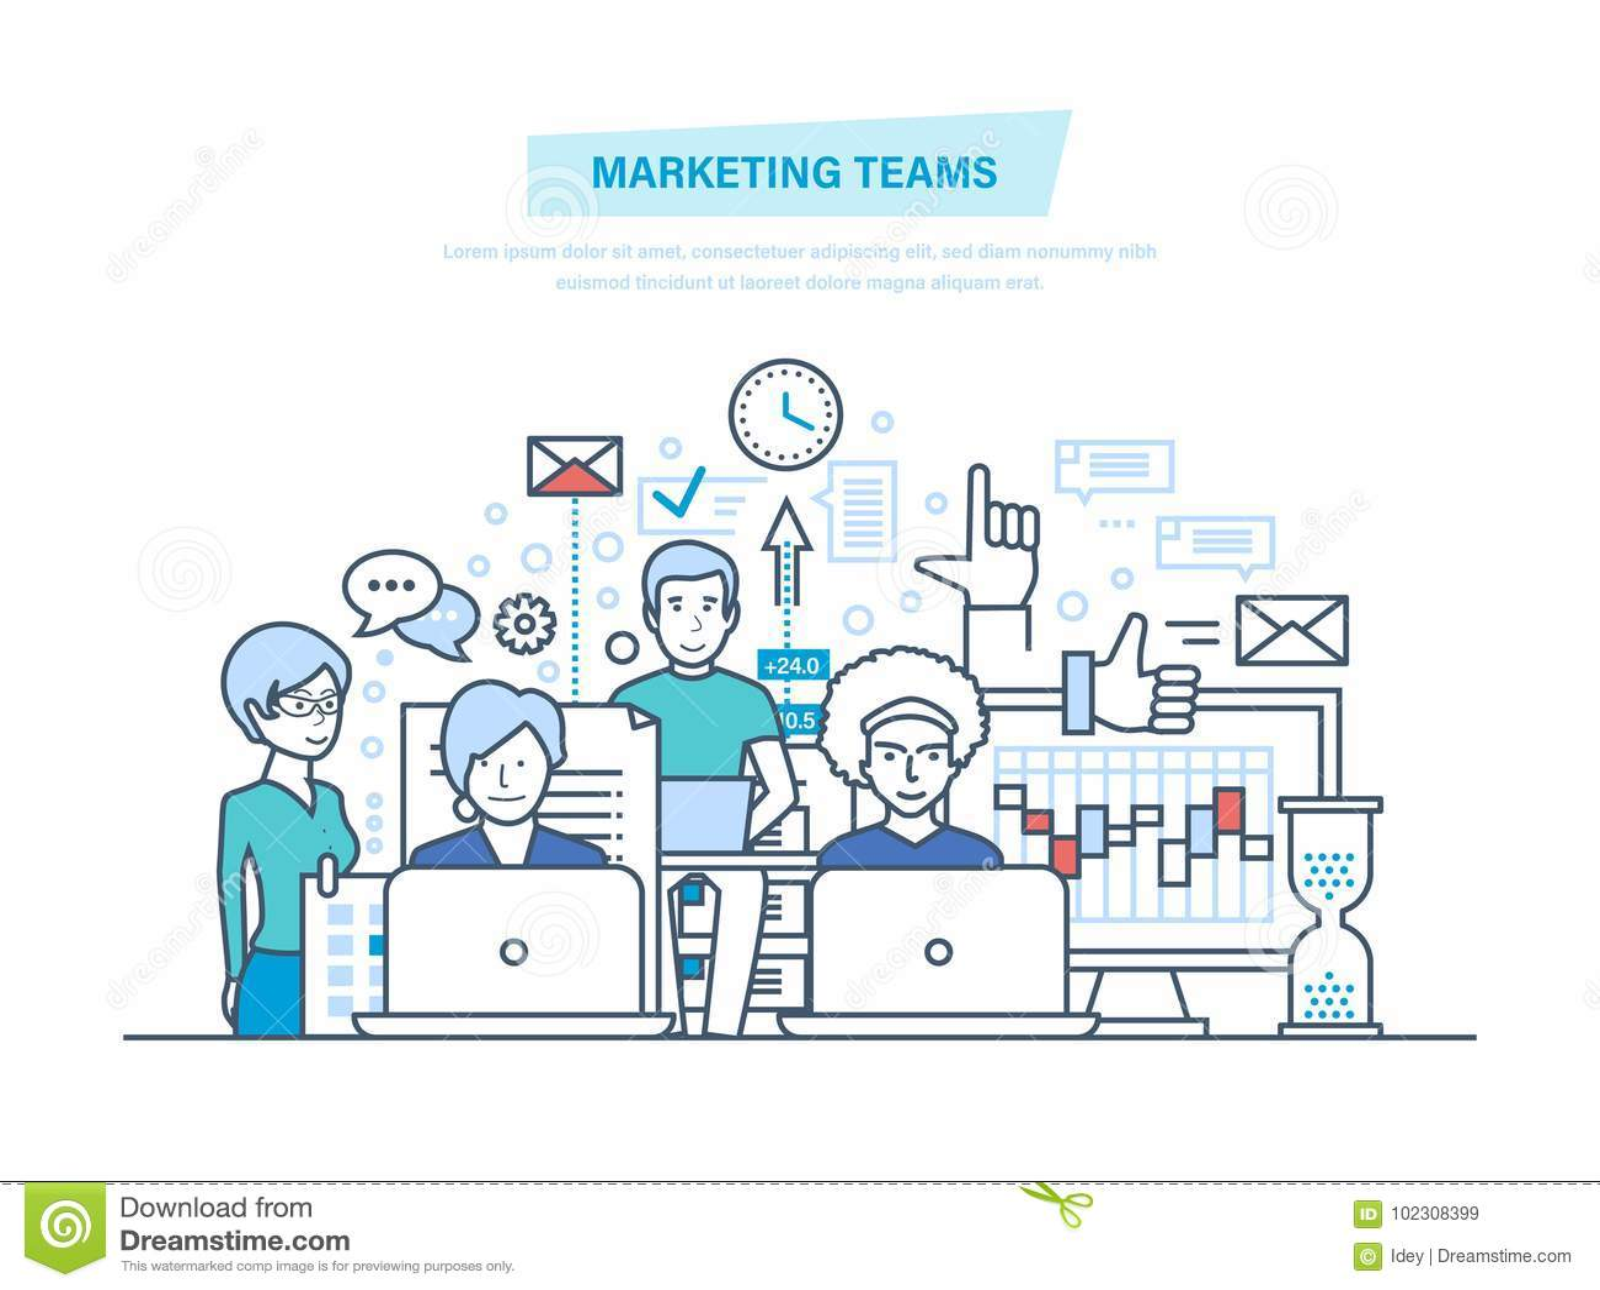 Op de markt brengende teams Collectieve commerciële groepsmensen, creatief team, vennootschappen, groepswerk